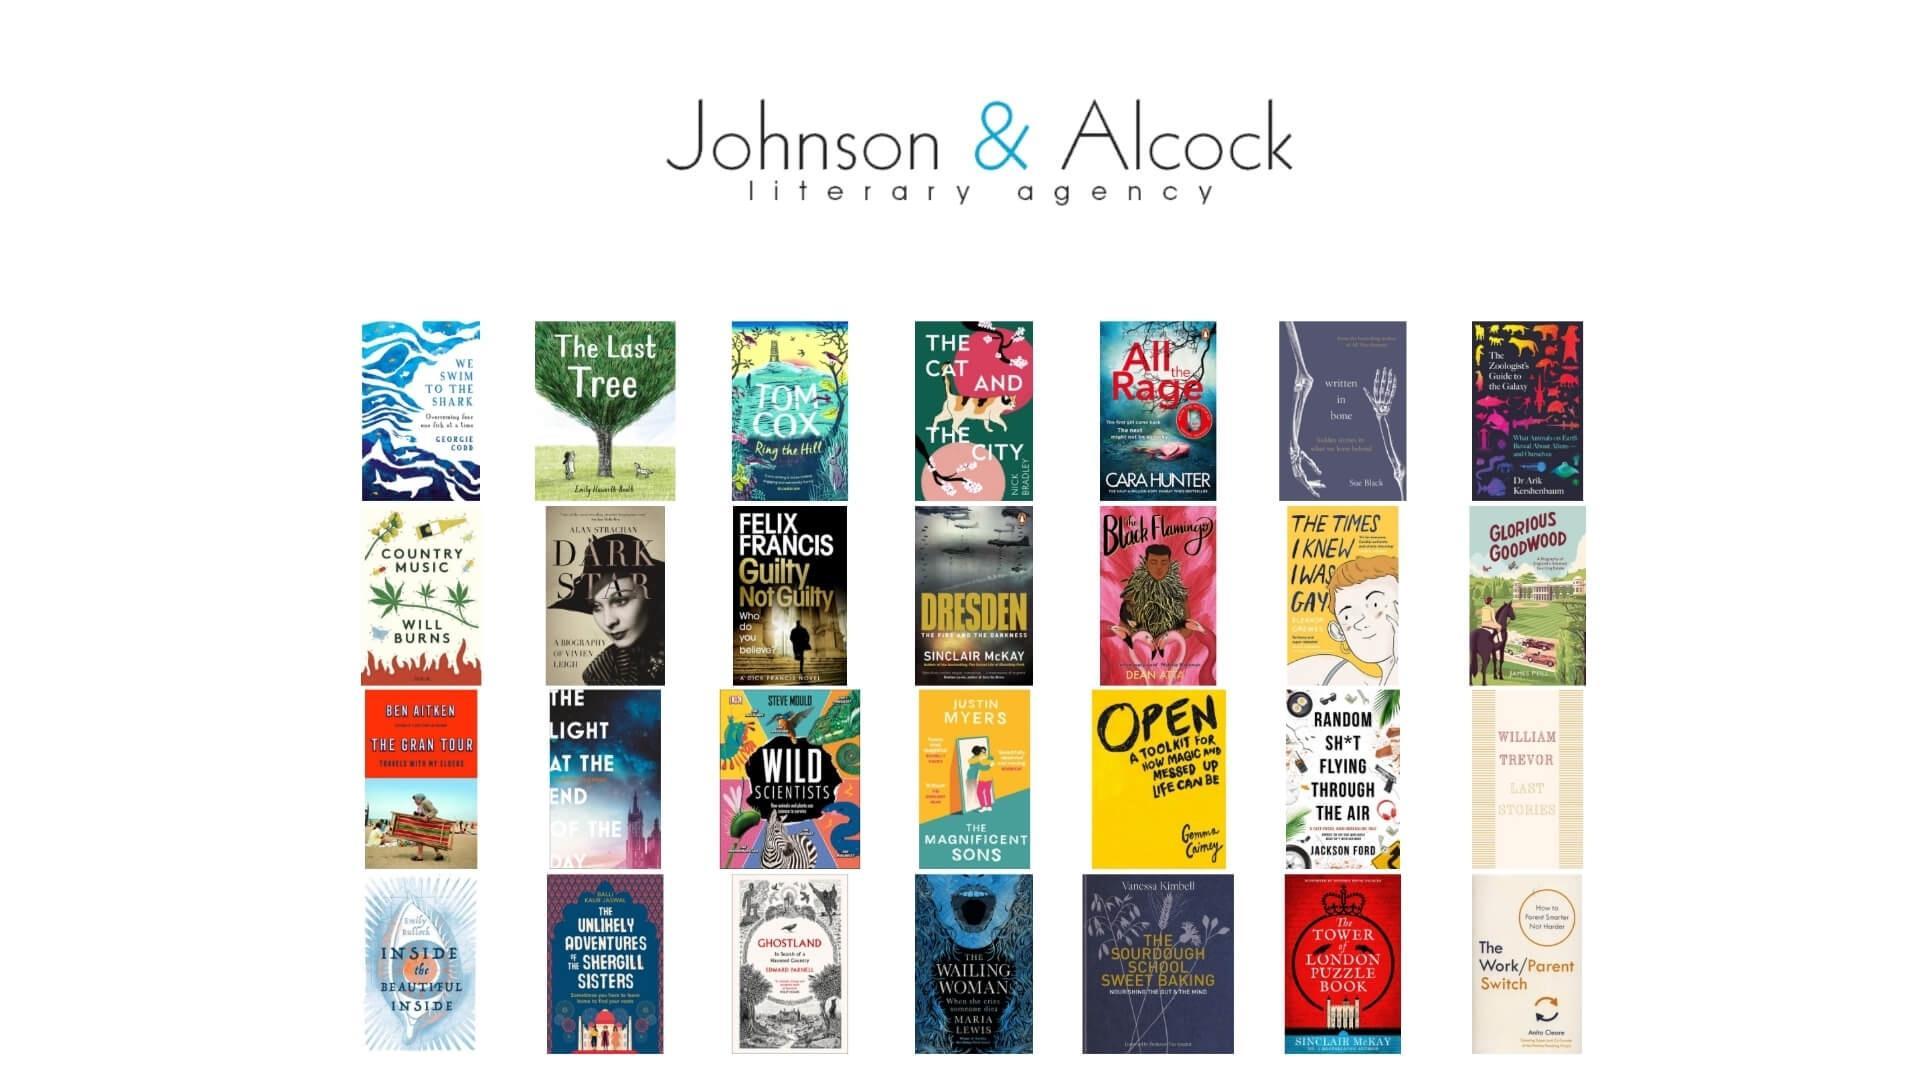 Johnson & Alcock